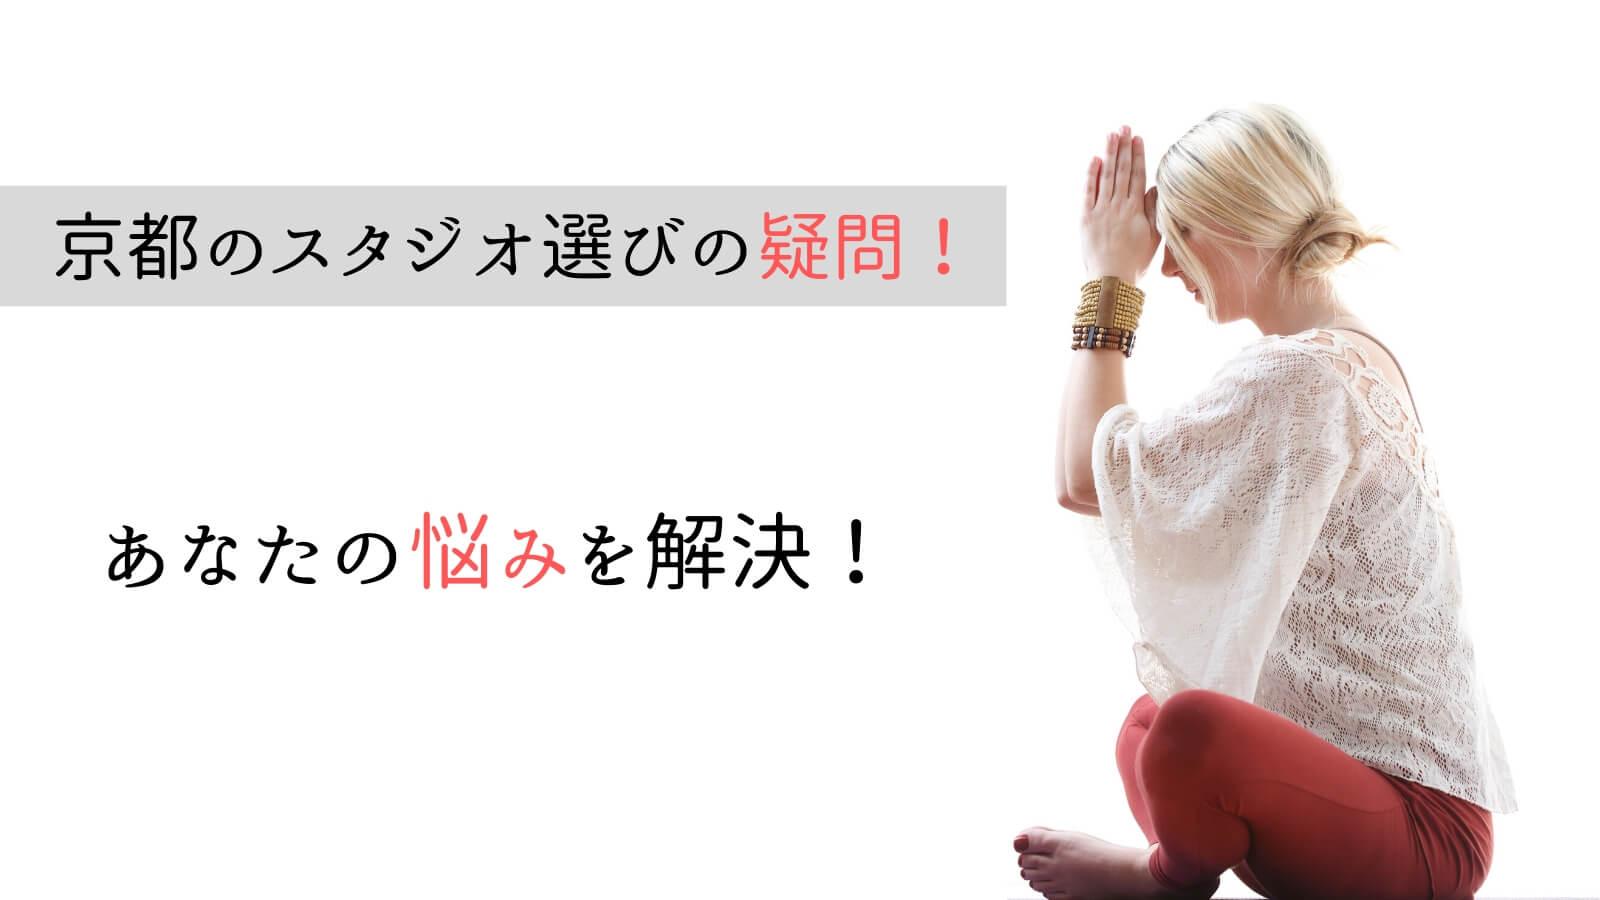 京都でのピラティススタジオ選びに関するQ&A